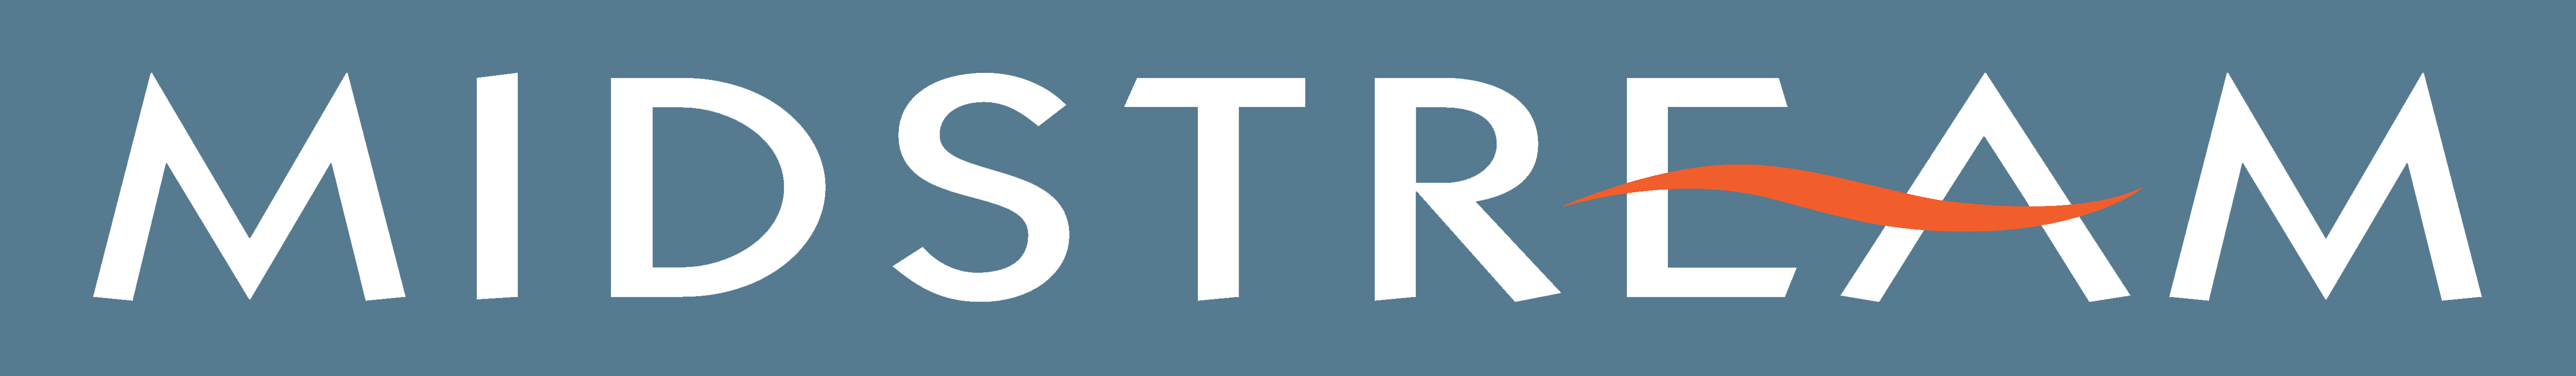 midstream-logo-2016-web-blue-s1